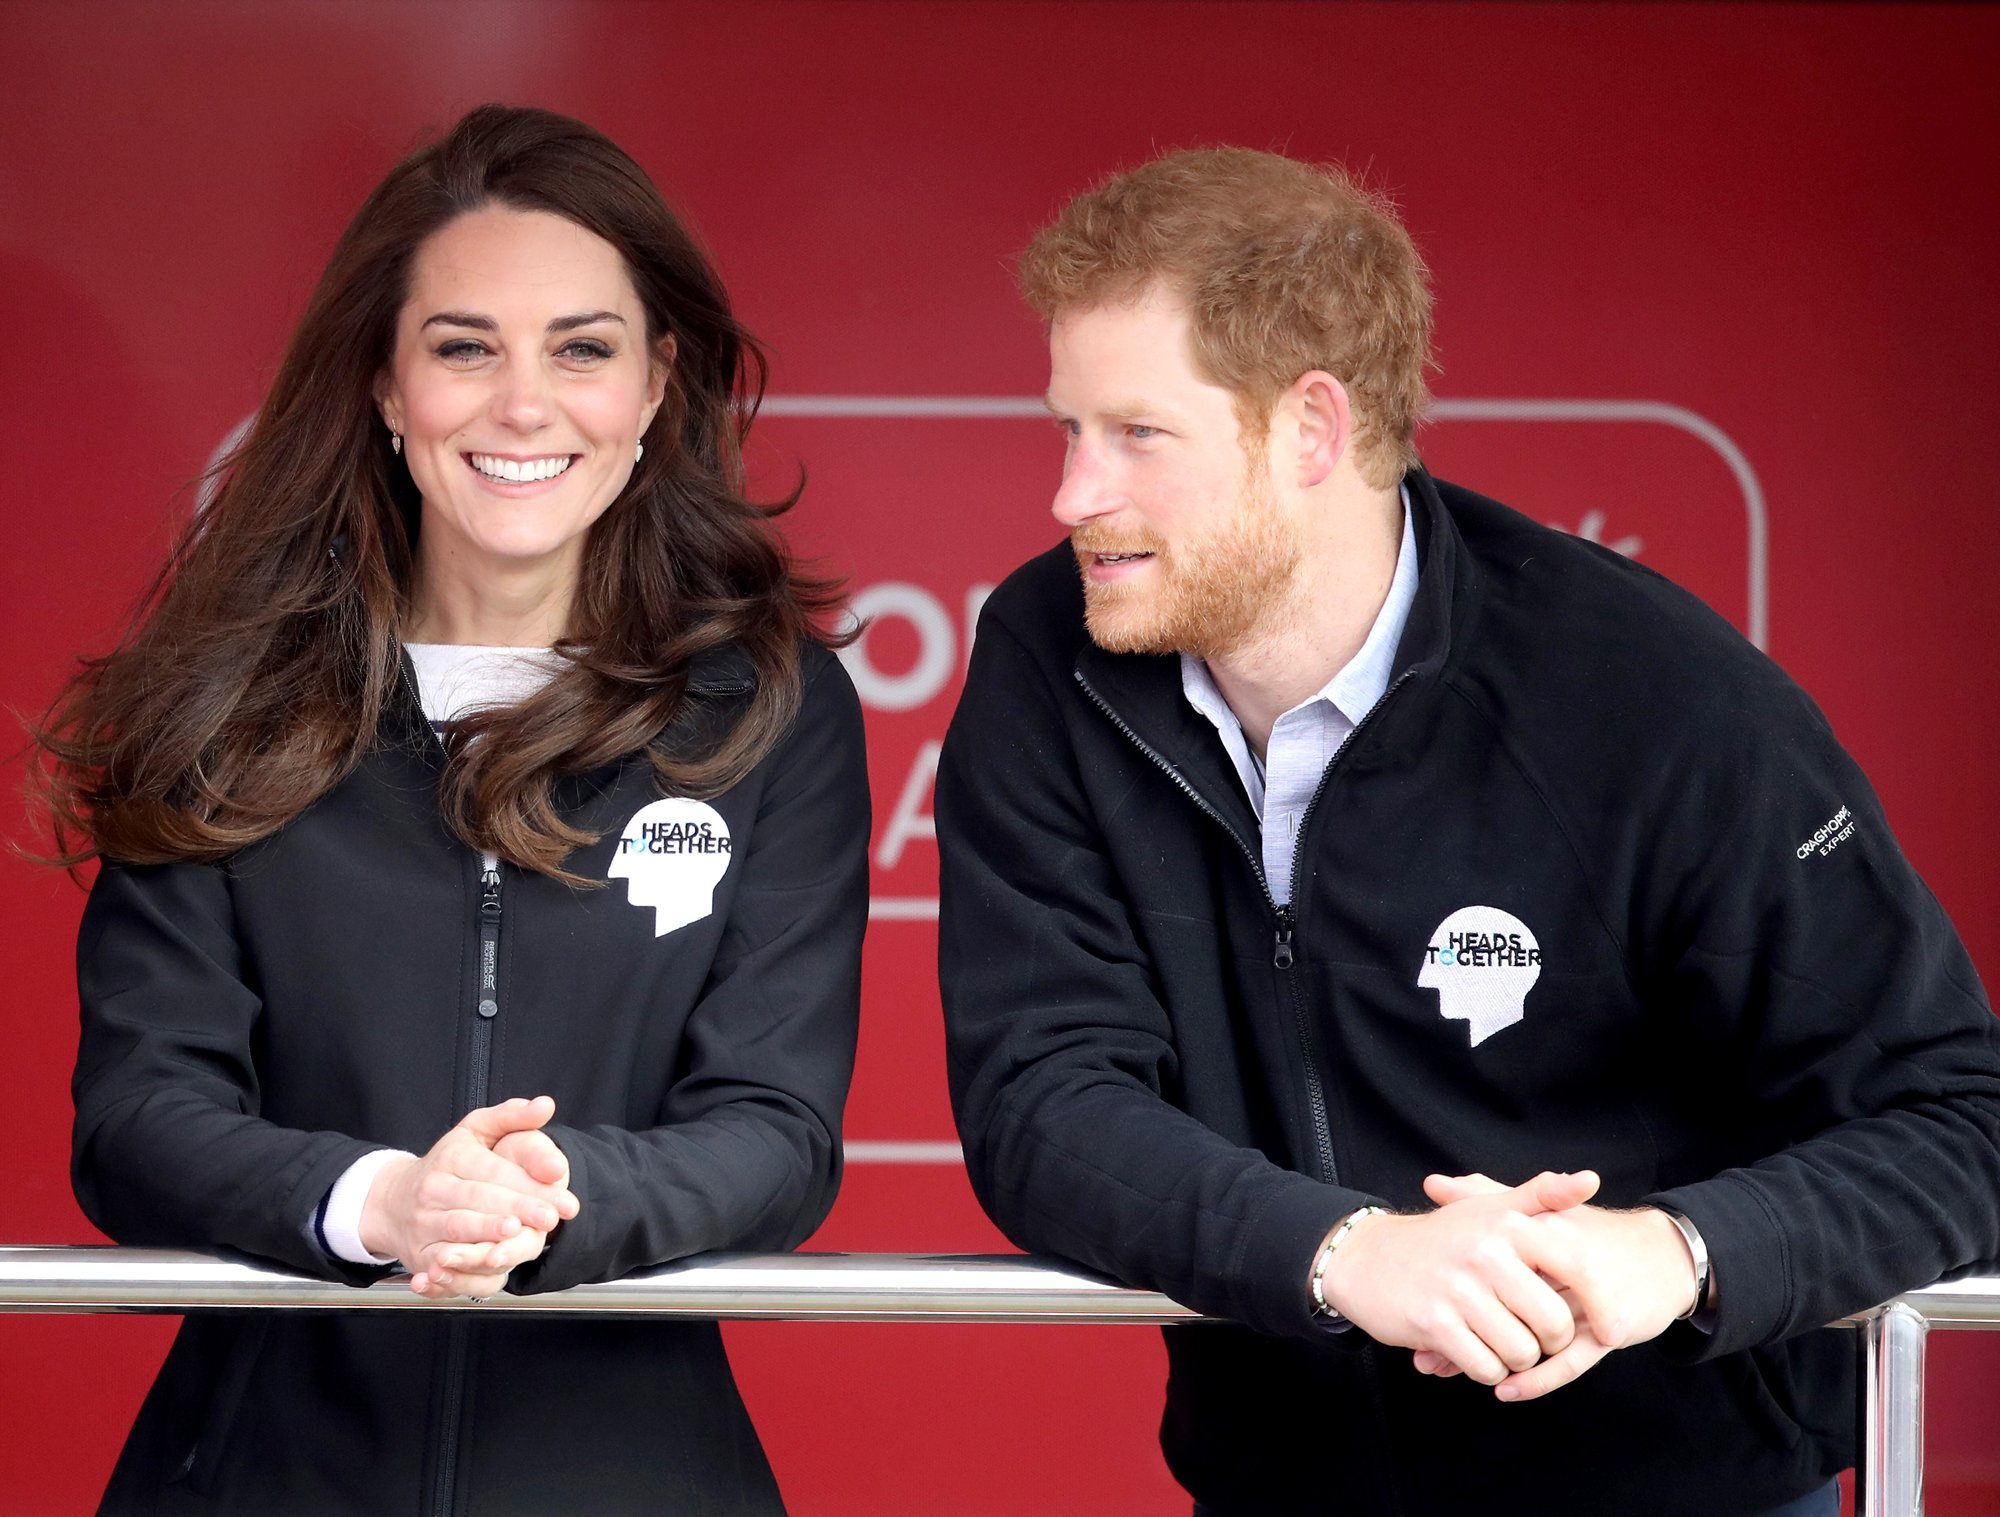 """thumbnail 200a29f843c1b09b0b1e1c32de0f4432.jpeg?resize=1200,630 - Príncipe Harry supostamente pediu o """"Selo de Aprovação"""" de Kate Middleton antes de pedir Meghan Markle em casamento"""